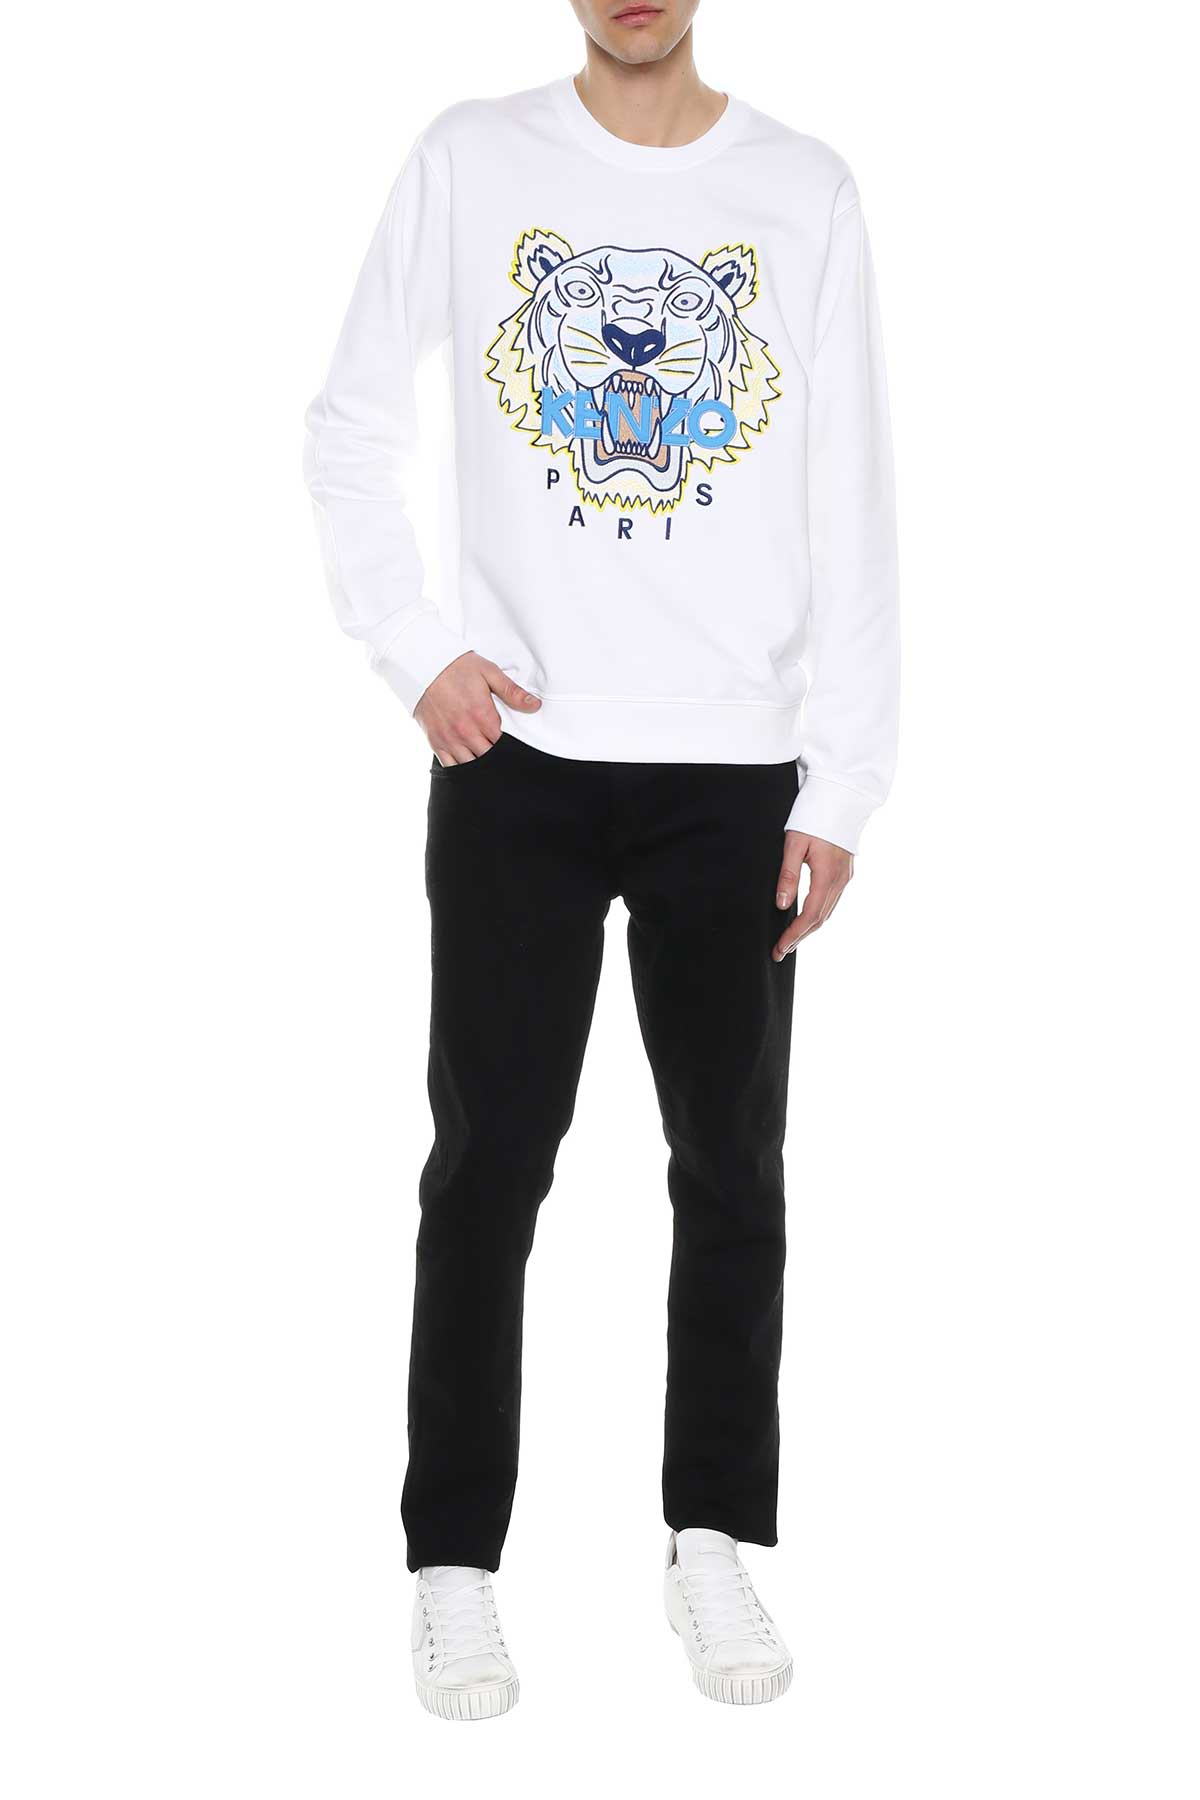 Kenzo Kenzo Tiger Sweatshirt